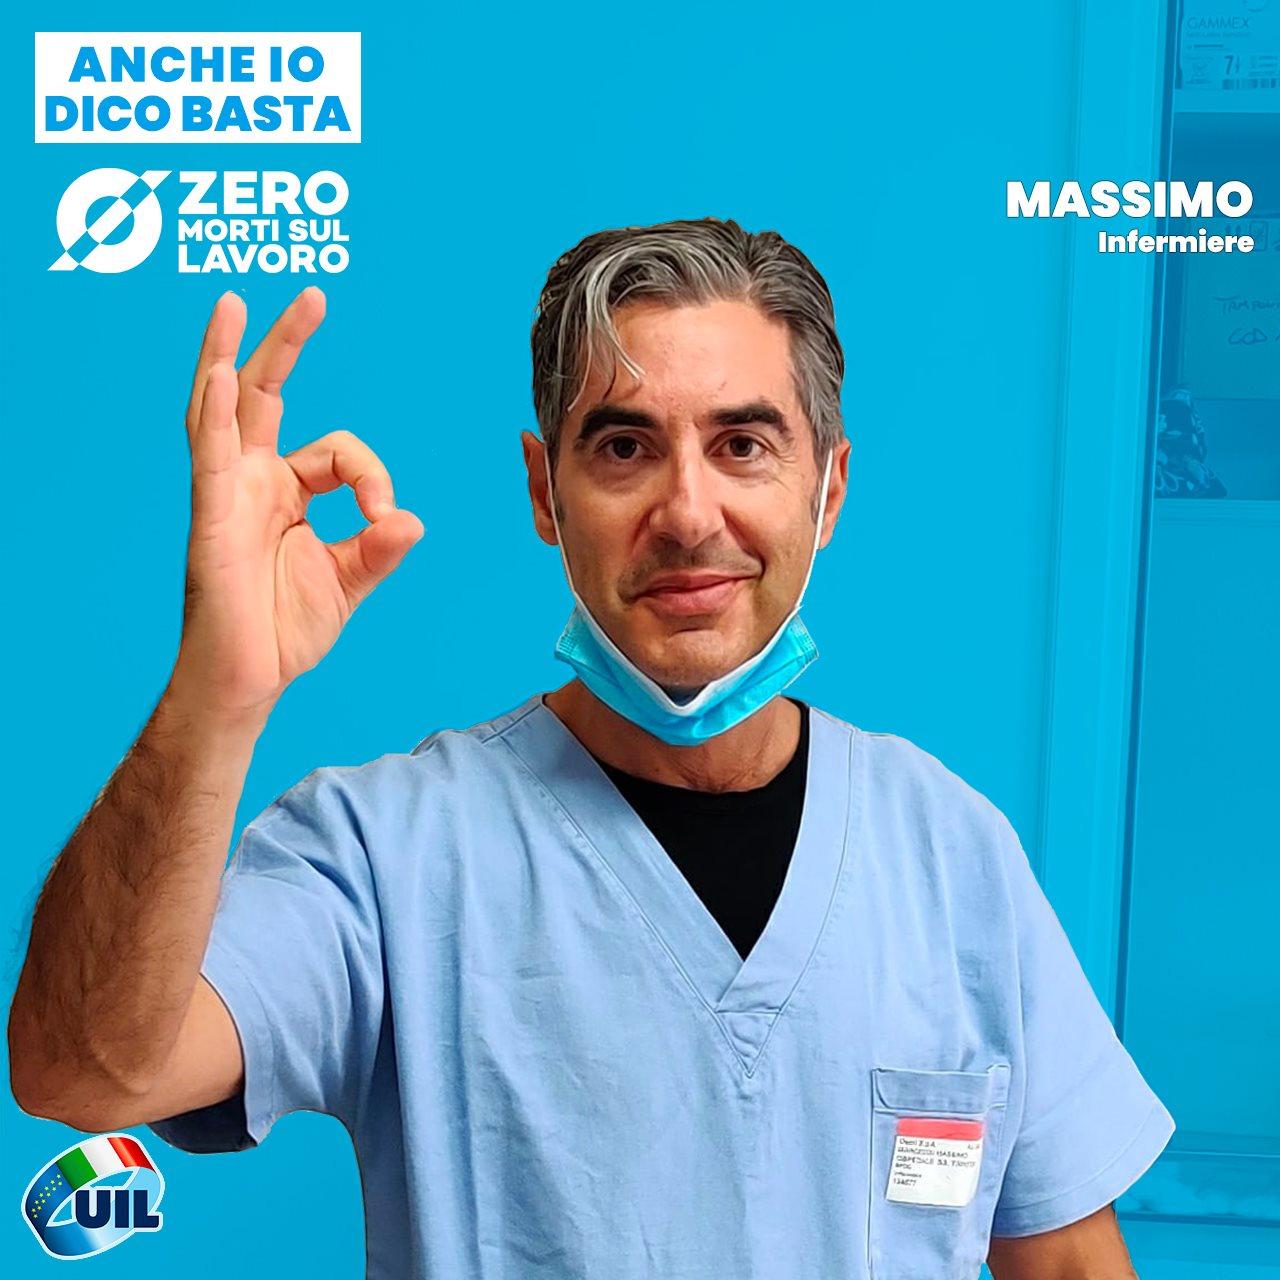 MASSIMO, infermiere